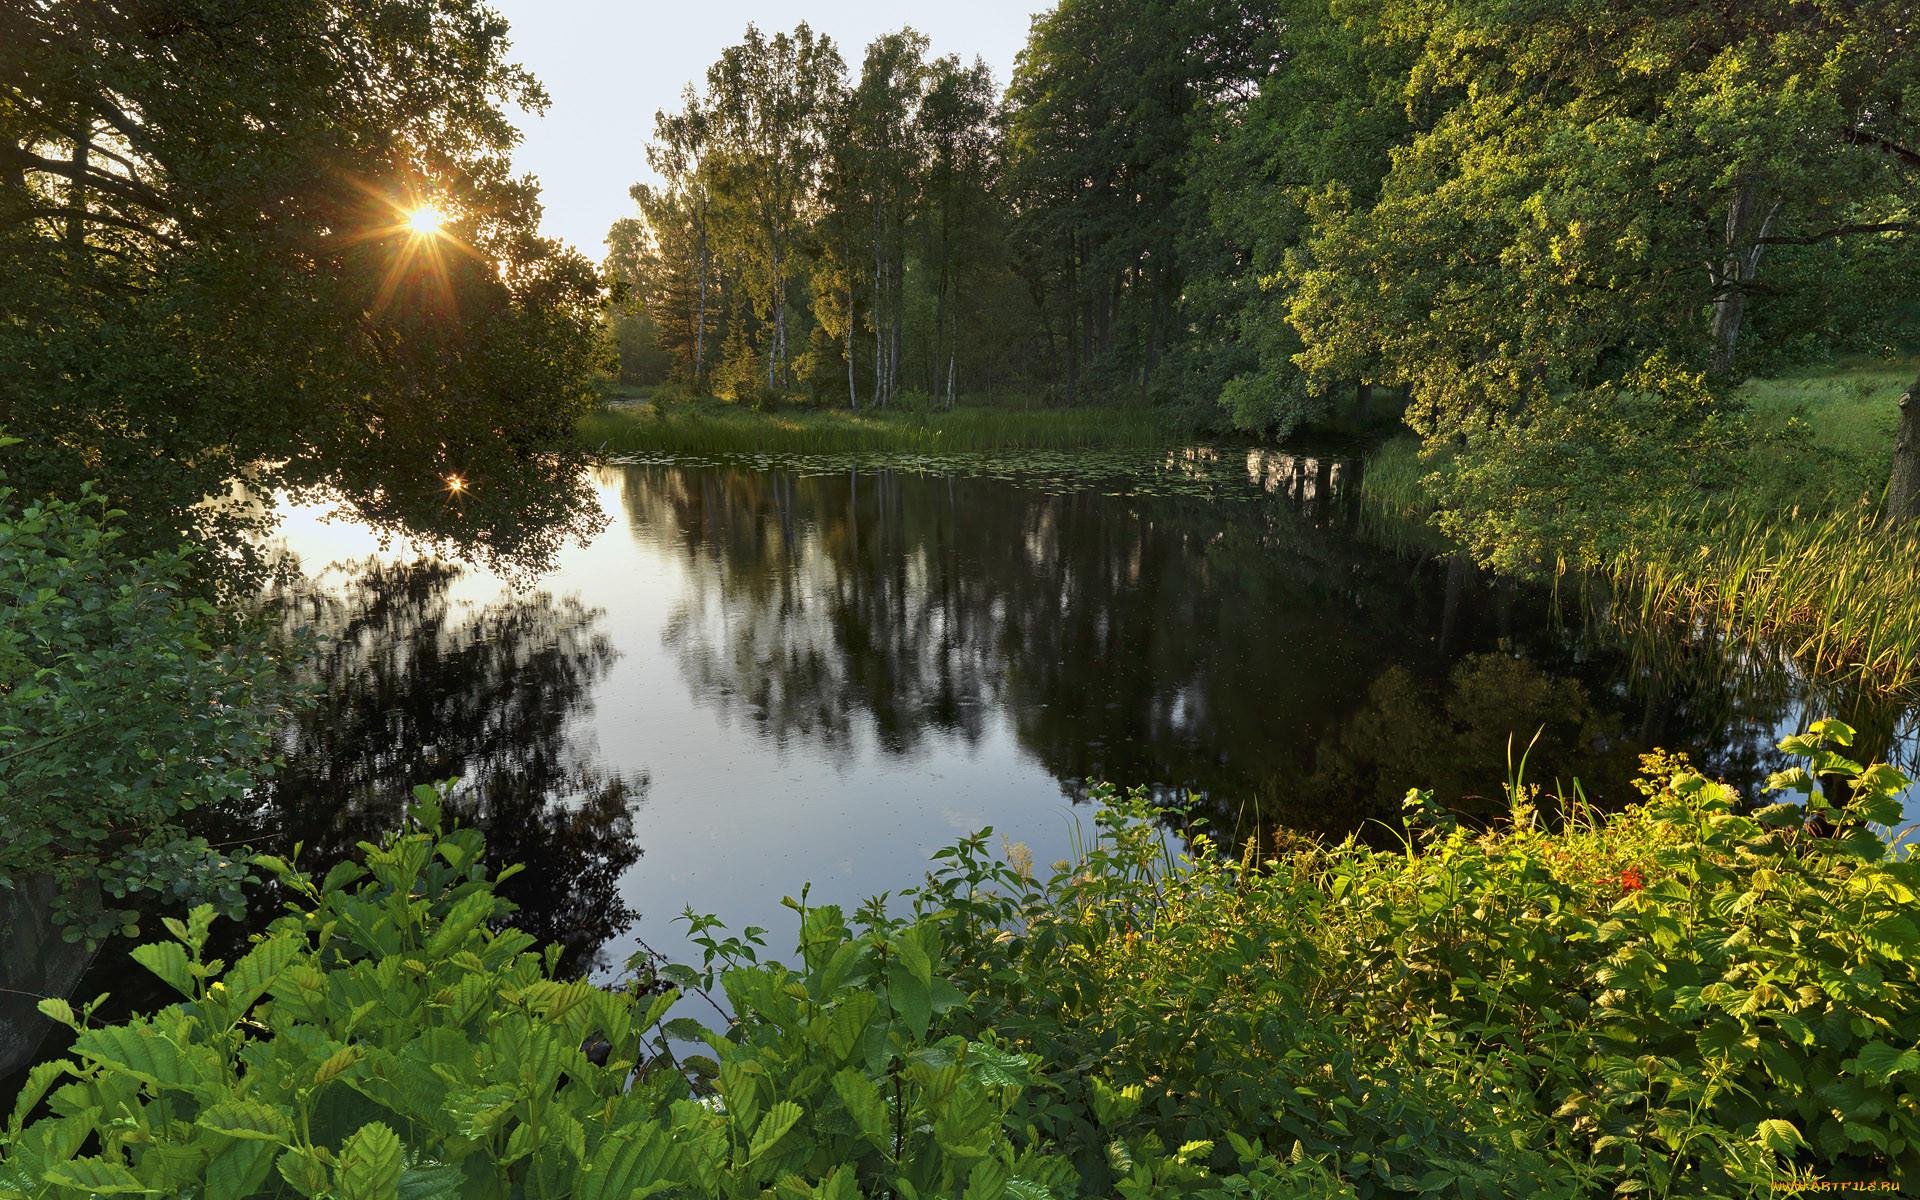 наш тихая заводь картинки река озеро были еще дуэльные